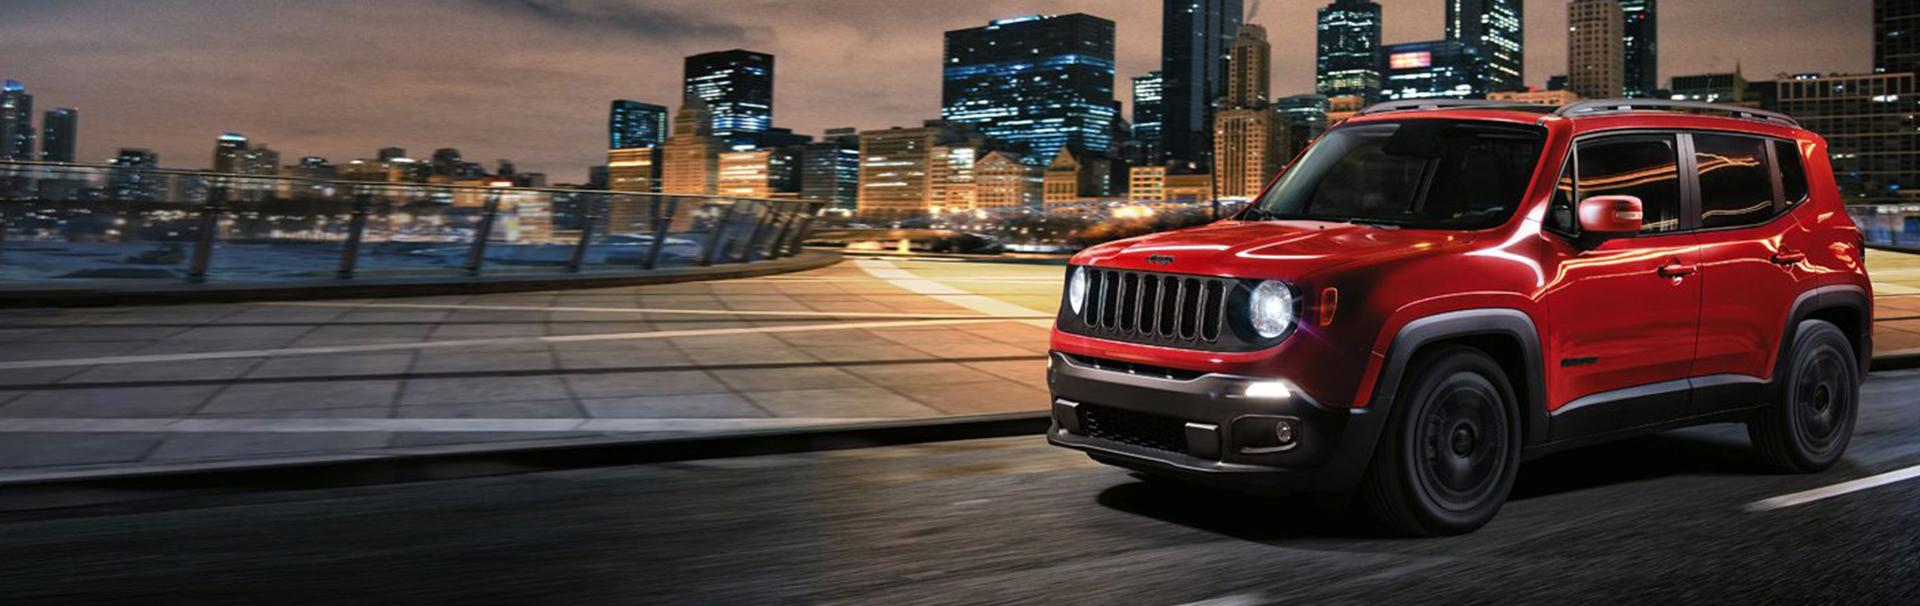 """Jeep Renegade élu """"SUV Urbain de l'Année 2019"""""""